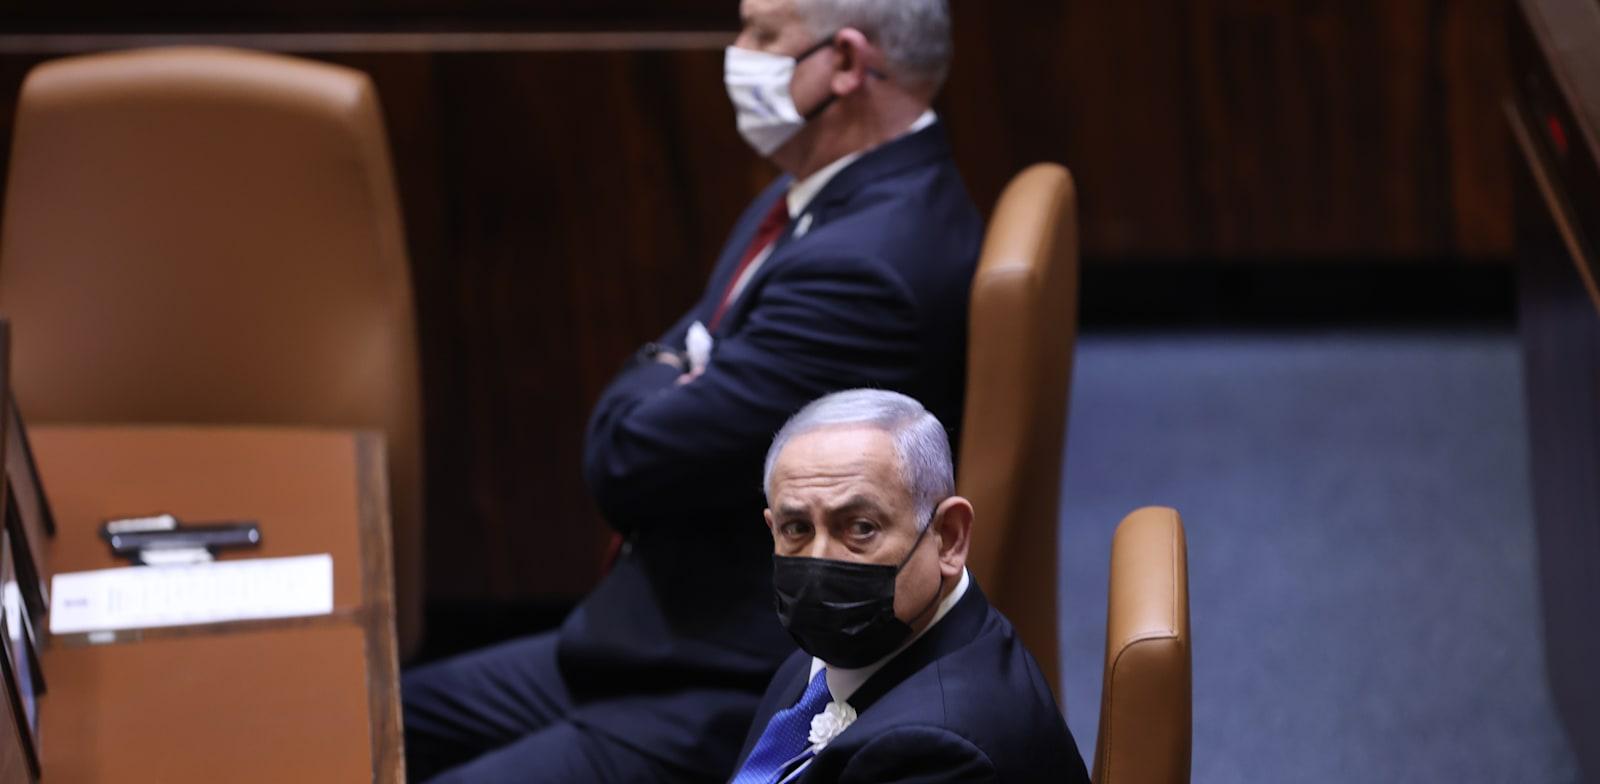 ראש הממשלה בנימין נתניהו ושר הביטחון בני גנץ / צילום: אלכס קולומויסקי-ידיעות אחרונות